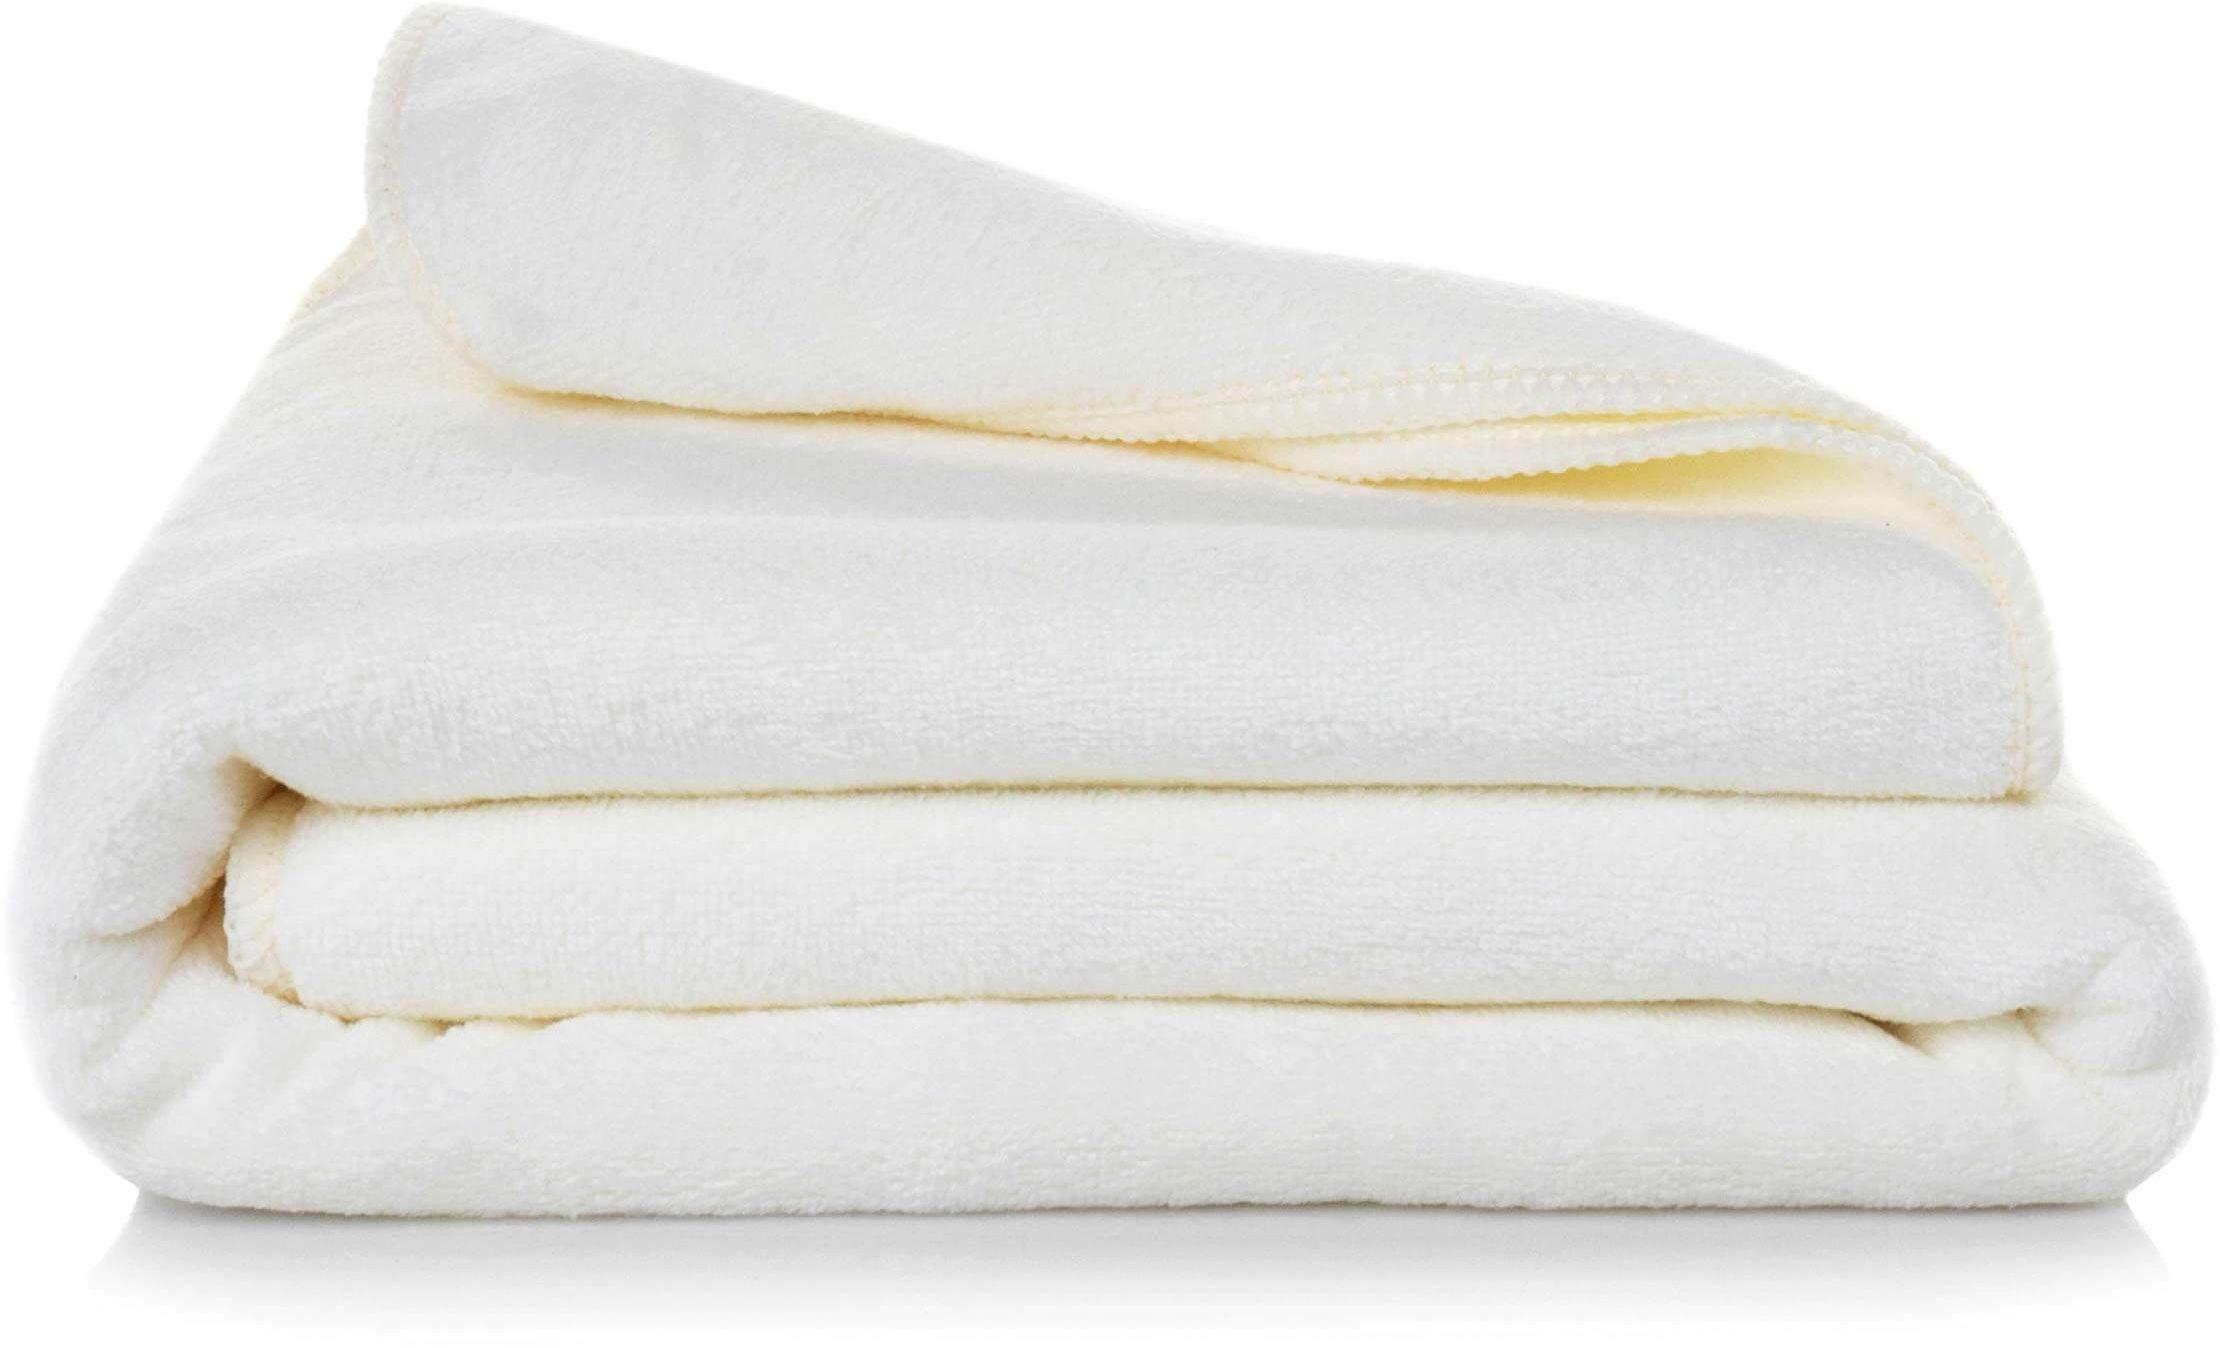 Ręcznik Kąpielowy Eurofirany Amy 01 380 g/m2 Krem 50x90